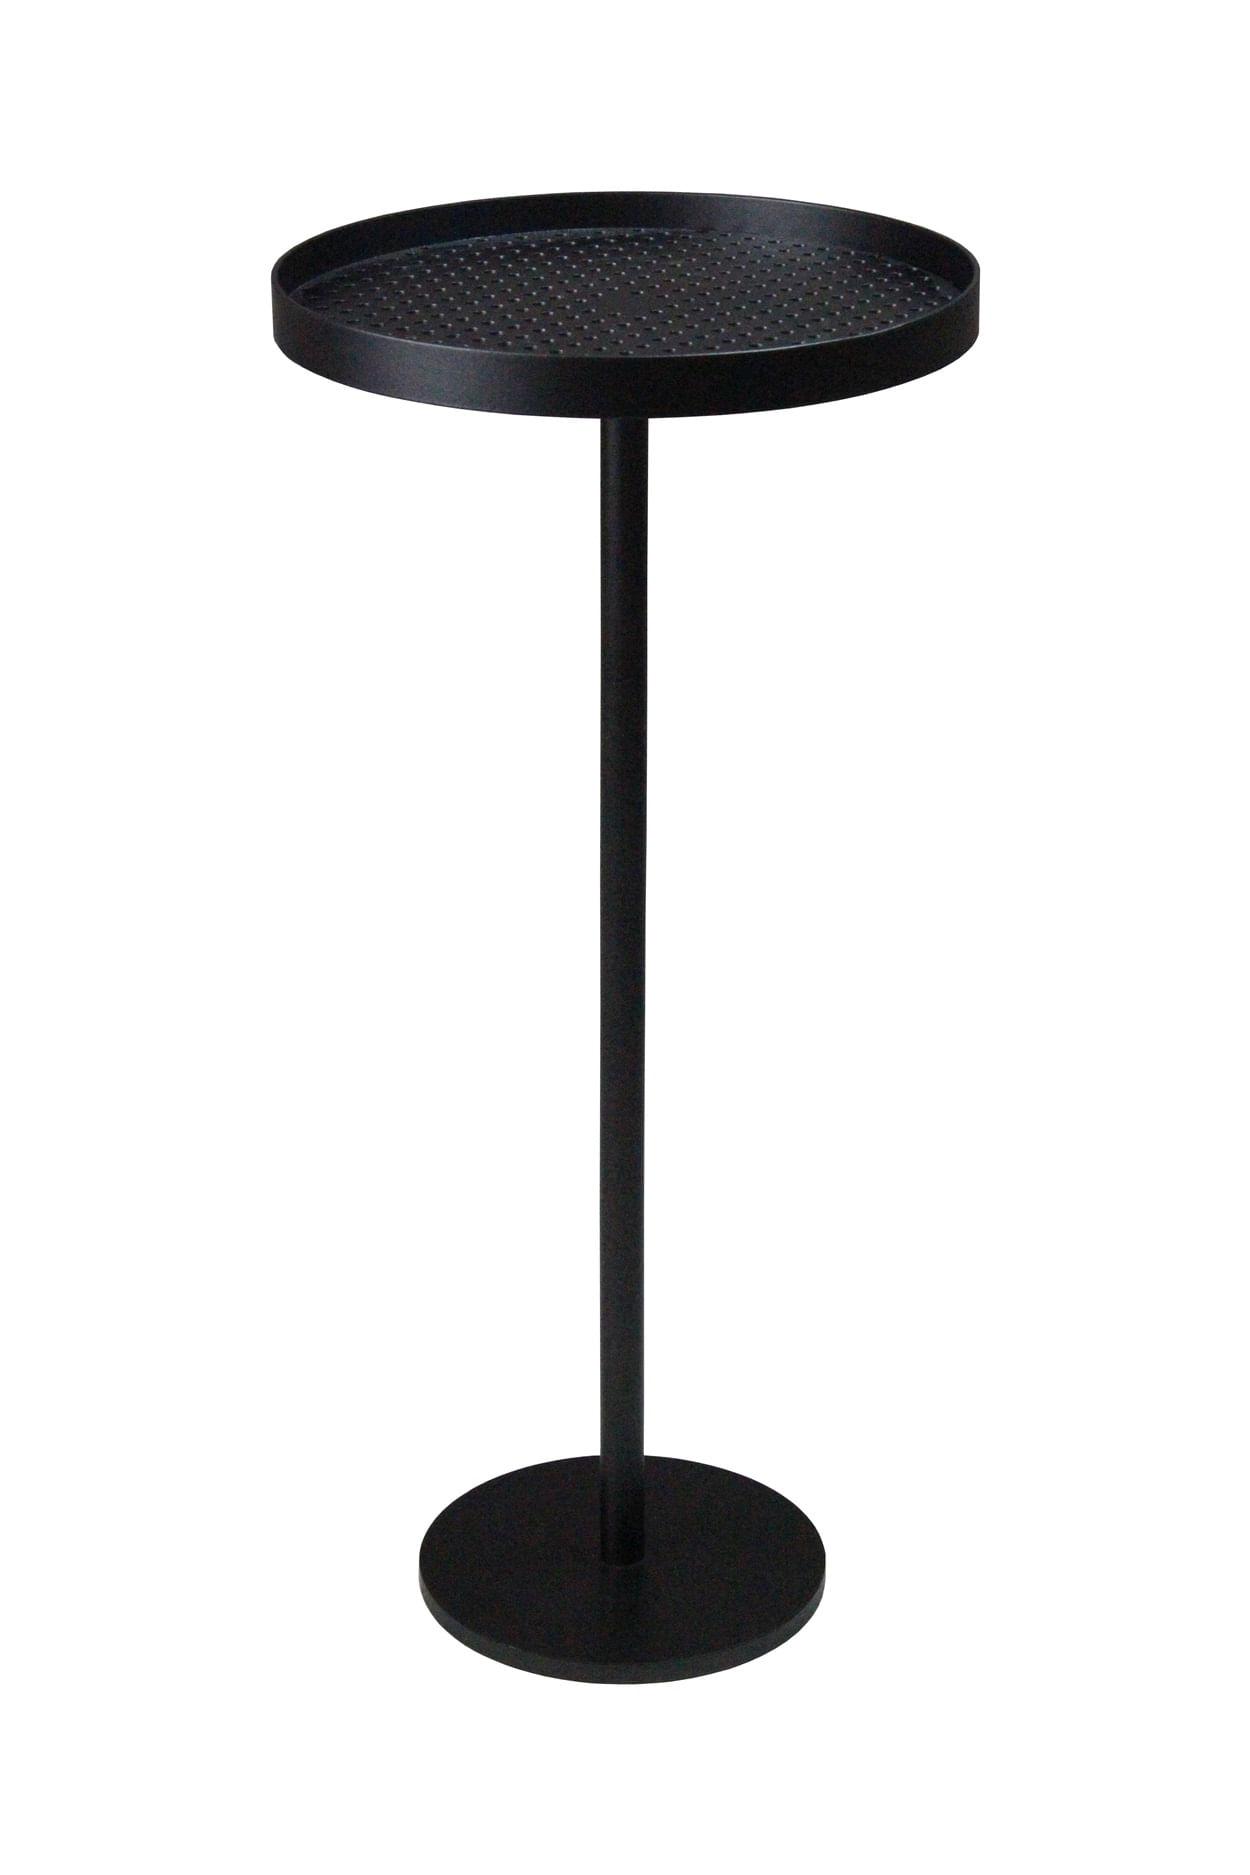 Mesa Apoio Cooper Media em Aco Carbono cor Preto 55 cm (ALT) - 48868